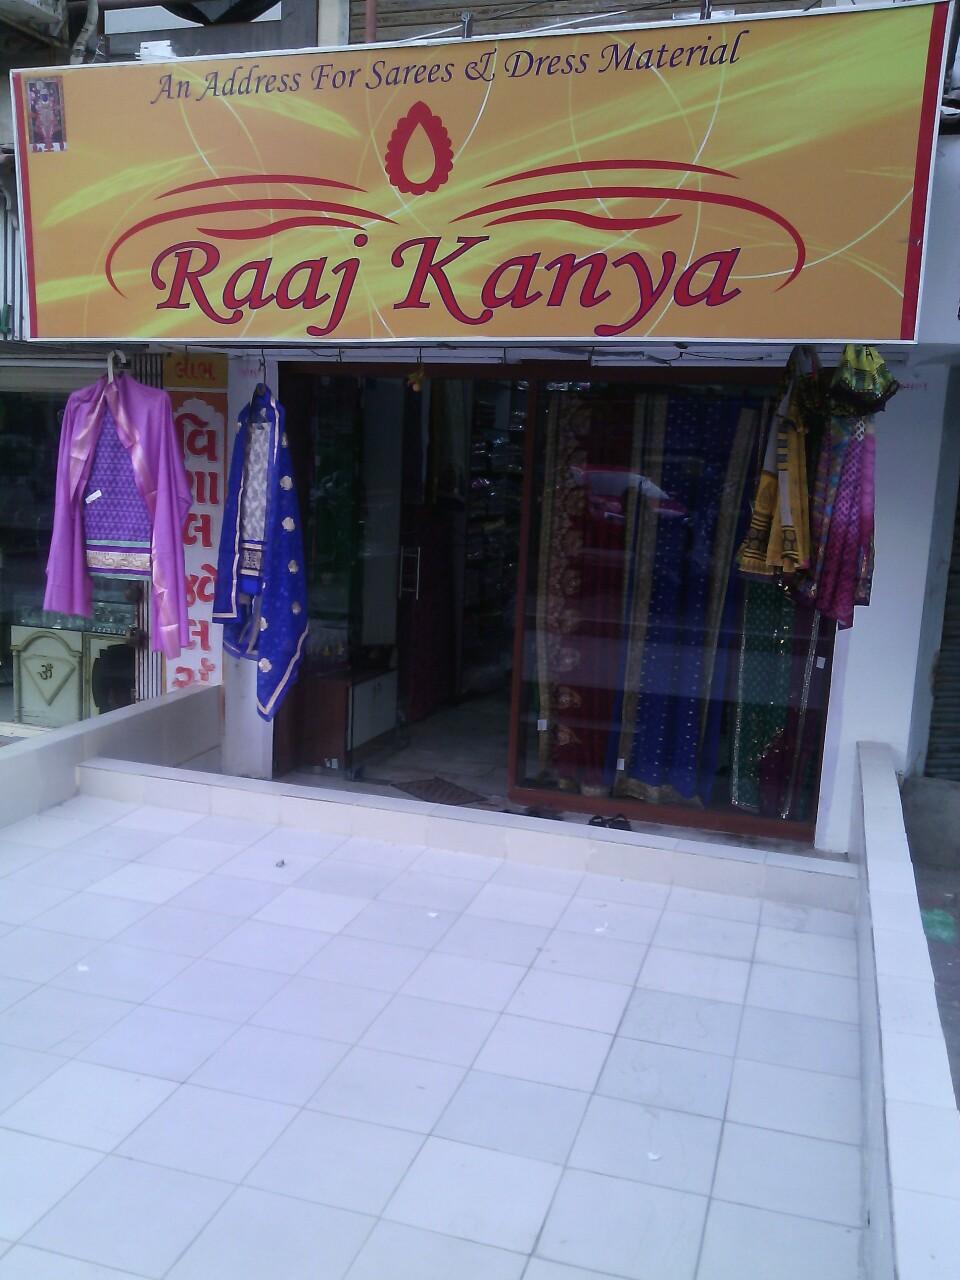 Raaj Kanya